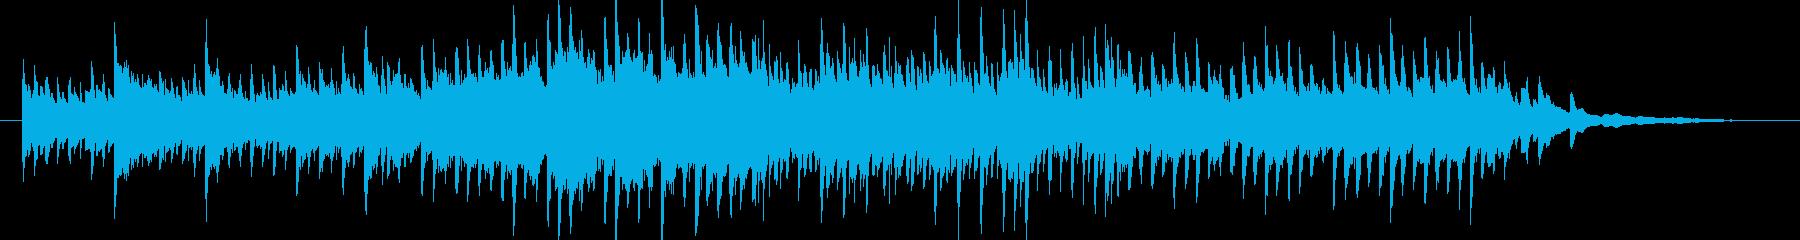 リラックス感のあるピアノソロの再生済みの波形